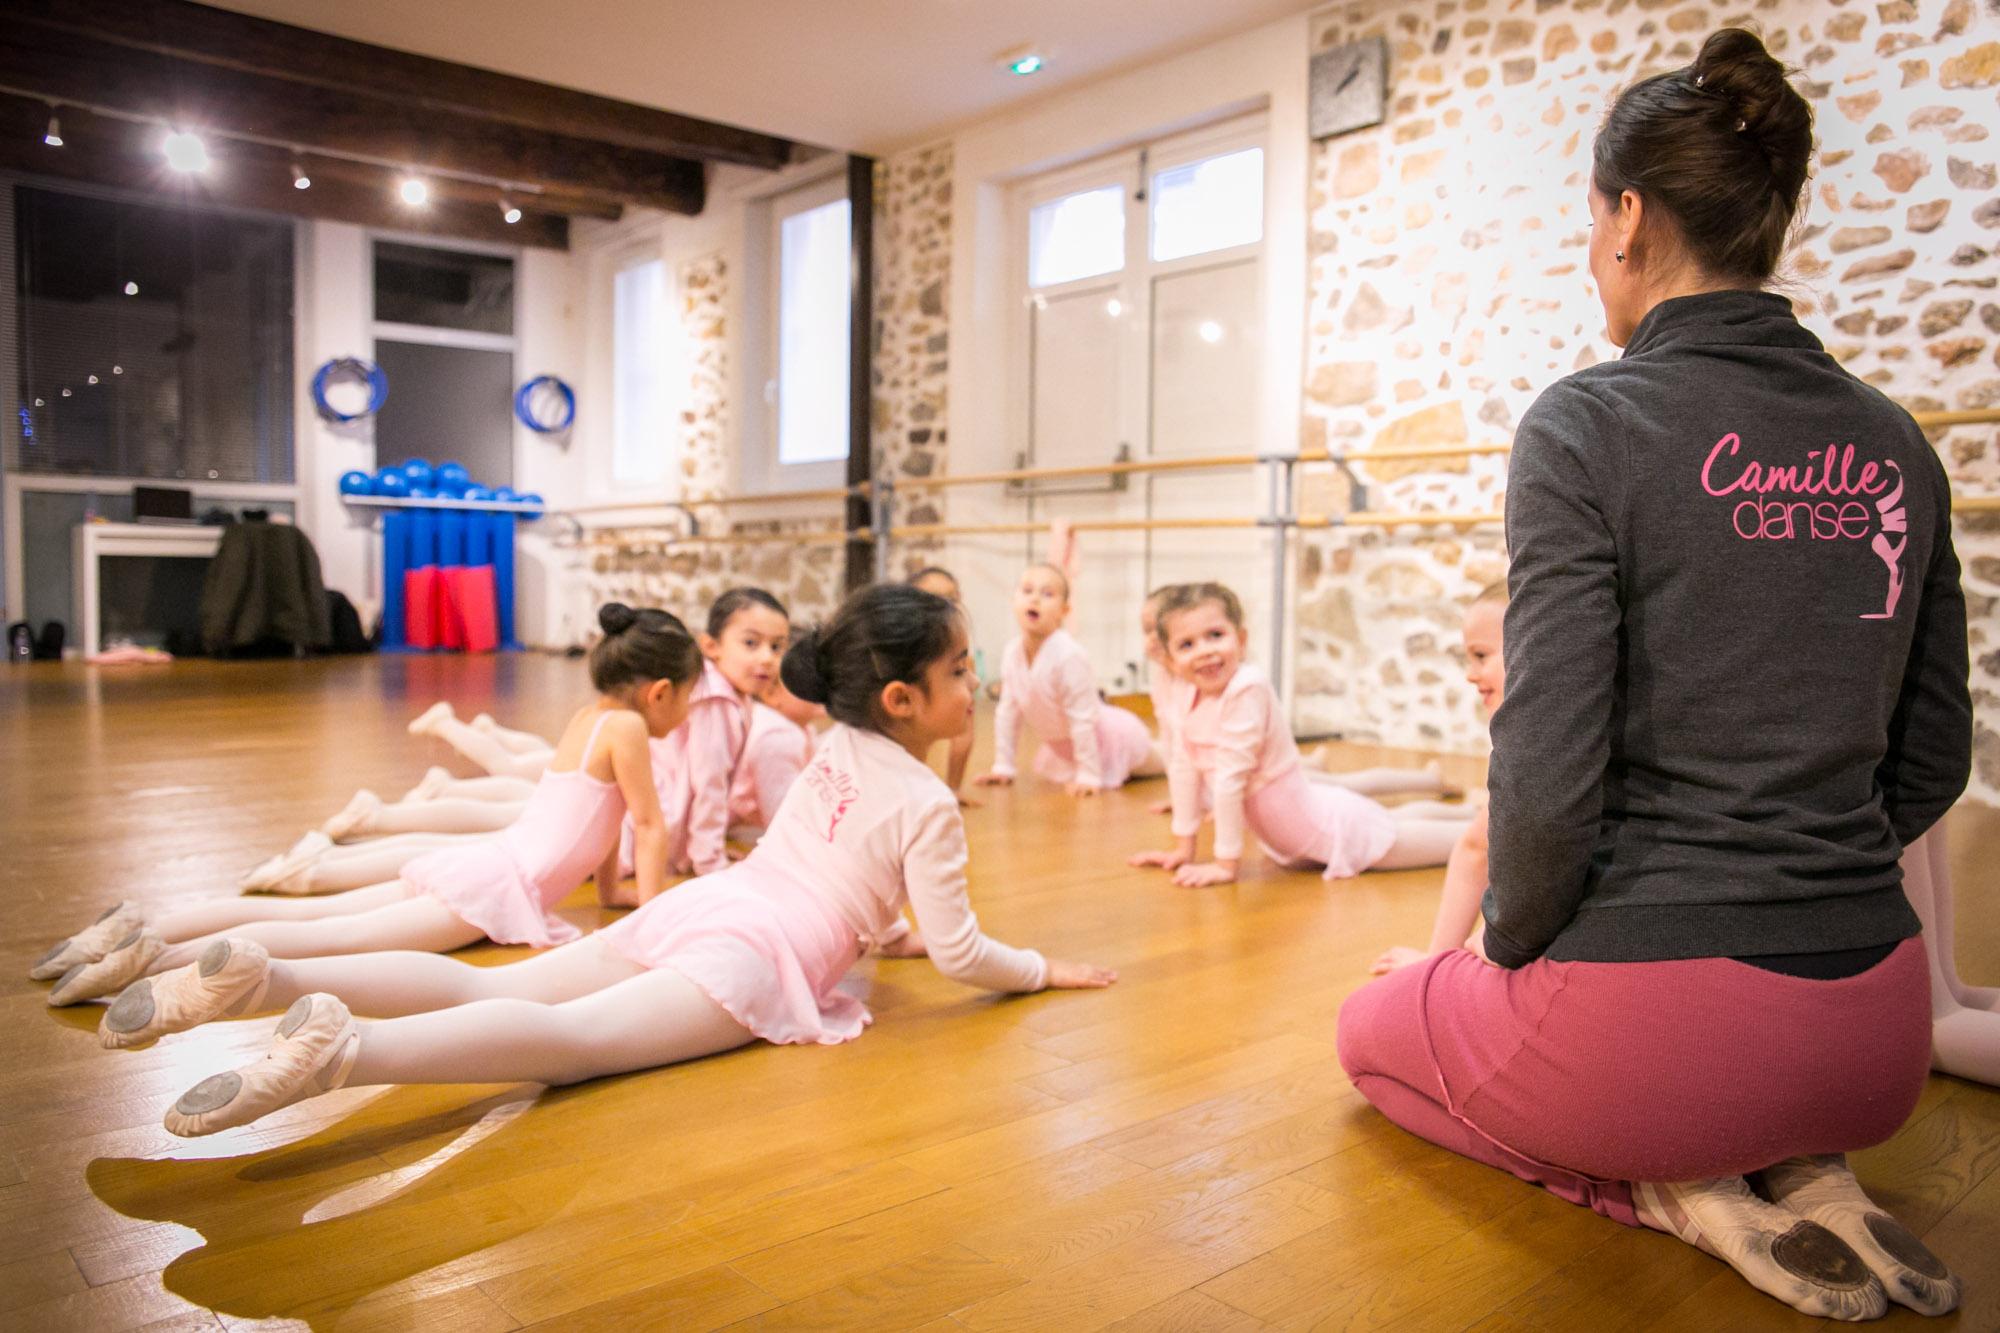 cours ecole danse classique la valette toulon enfant adulte pilates barre au sol eveil initiation debutant pas cher helivision.fr -54.jpg